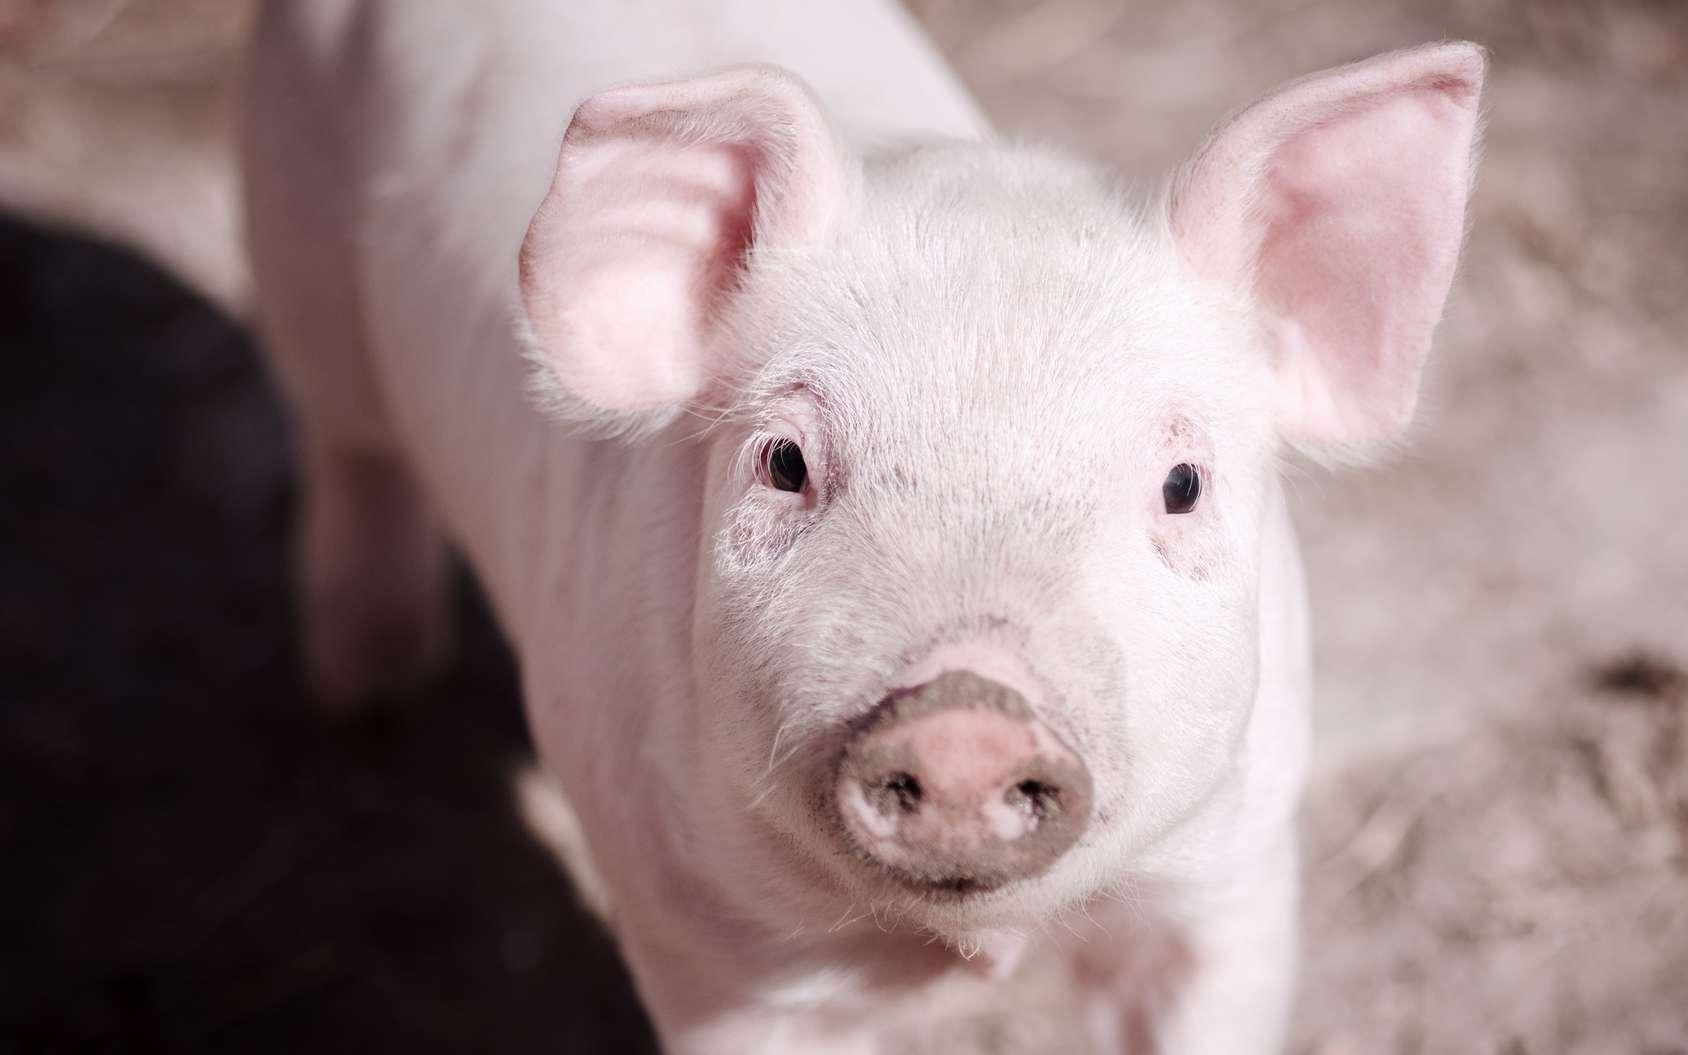 Des chercheurs ont réanimé les cellules cérébrales de cochons morts depuis 4 heures. © baiajaku, Fotolia